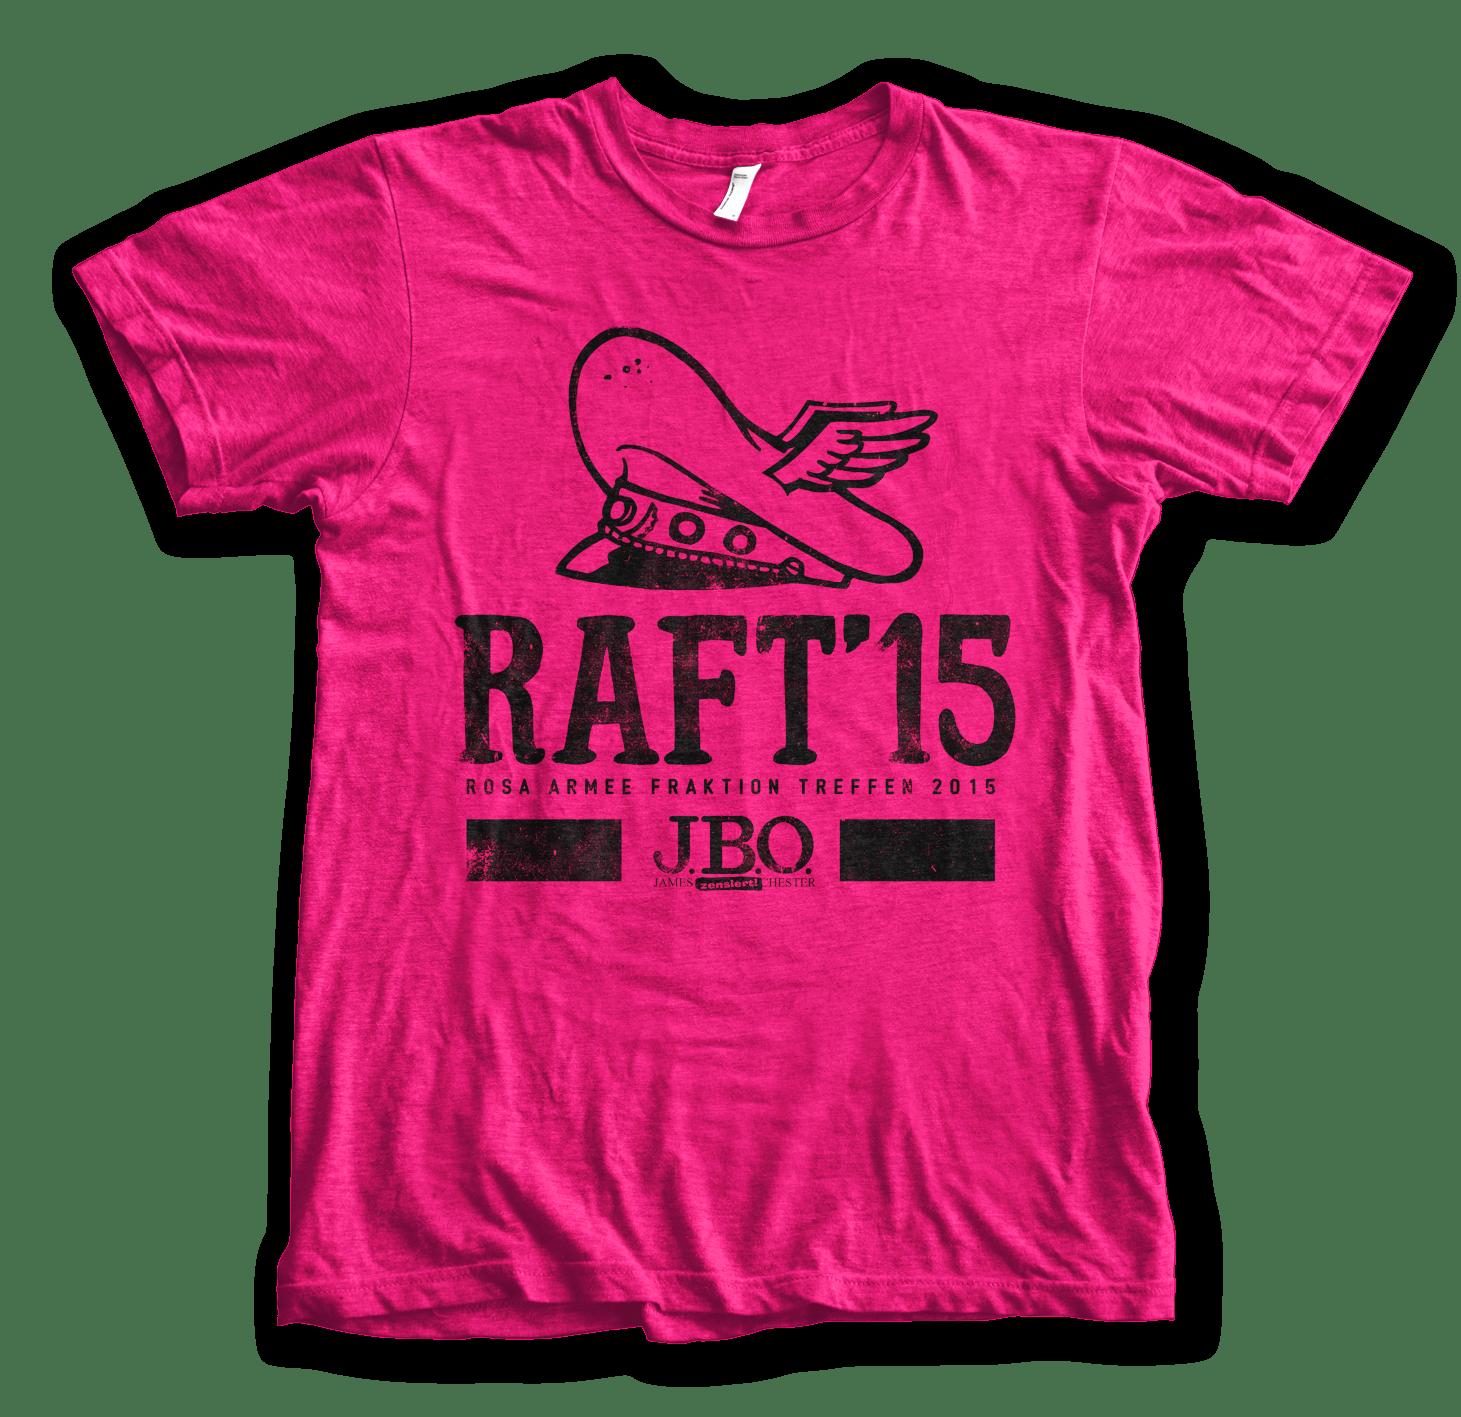 Ein besonderes J.B.O. Shirt